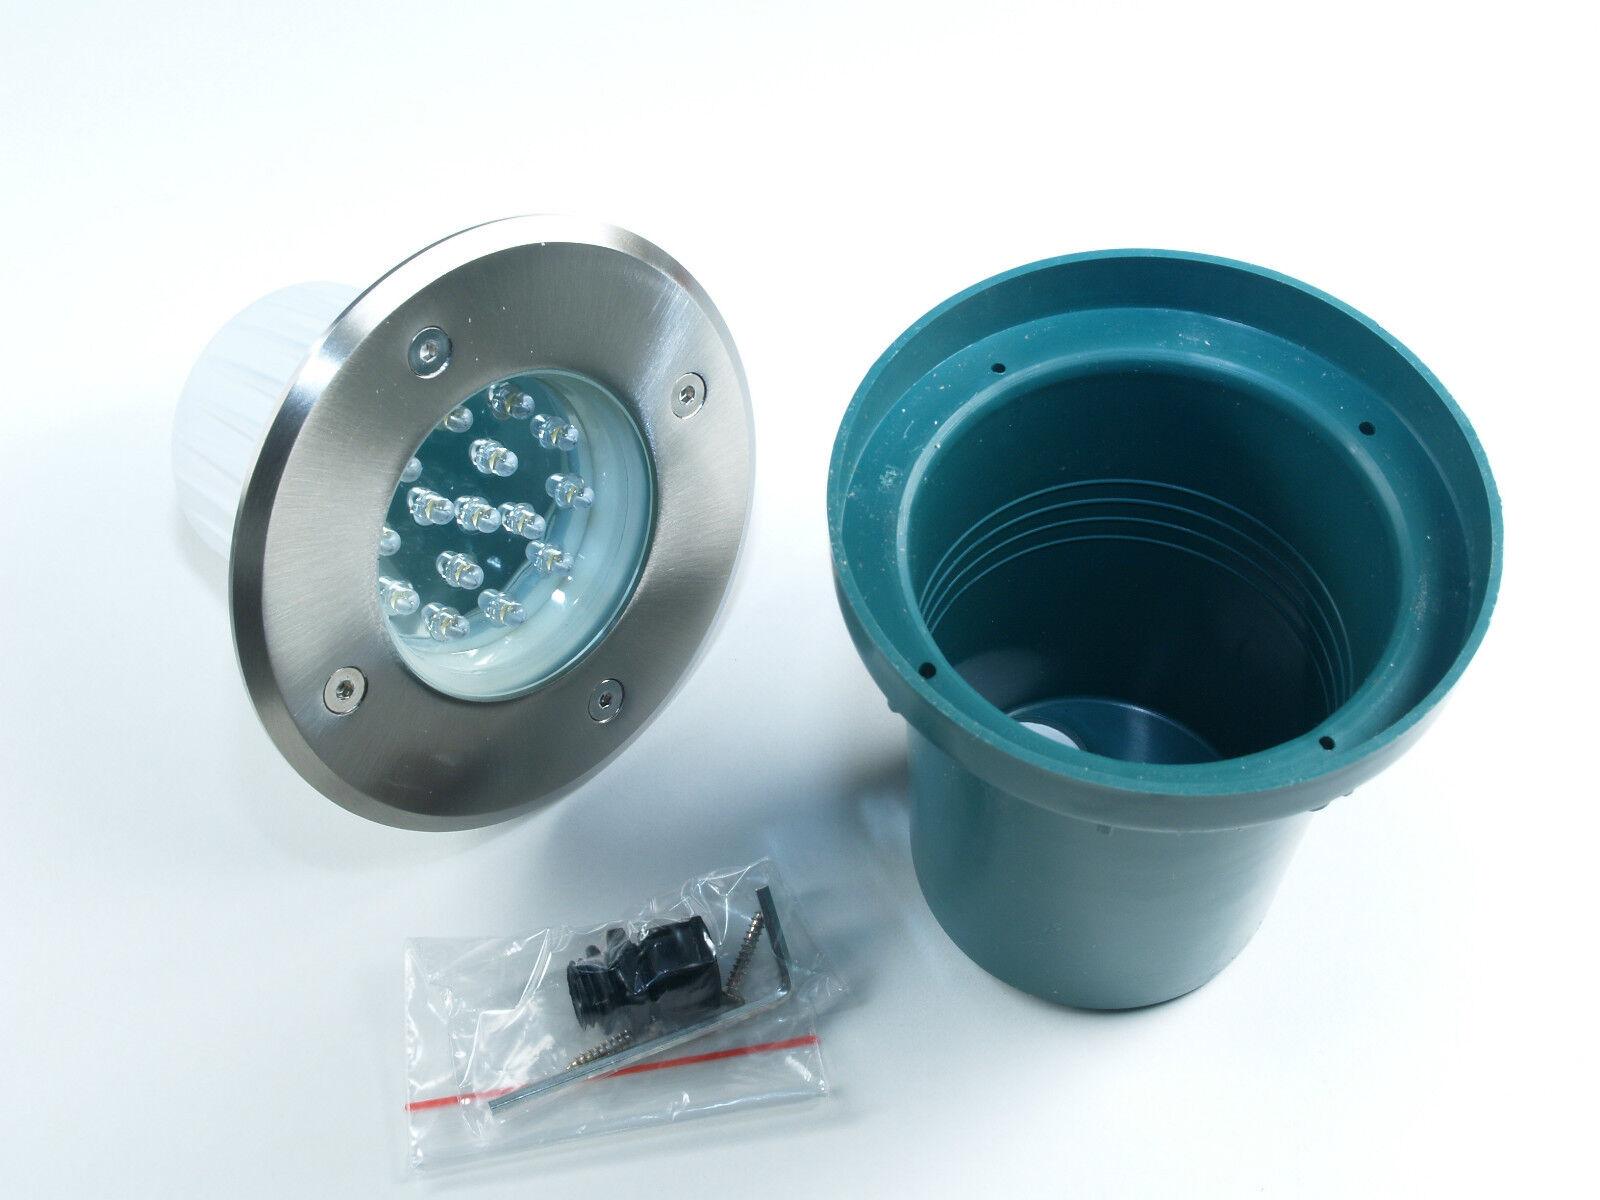 Hochwertige LED Aussenleuchte Bodenstrahler wasserfest Aussen Bodenlampe 230V